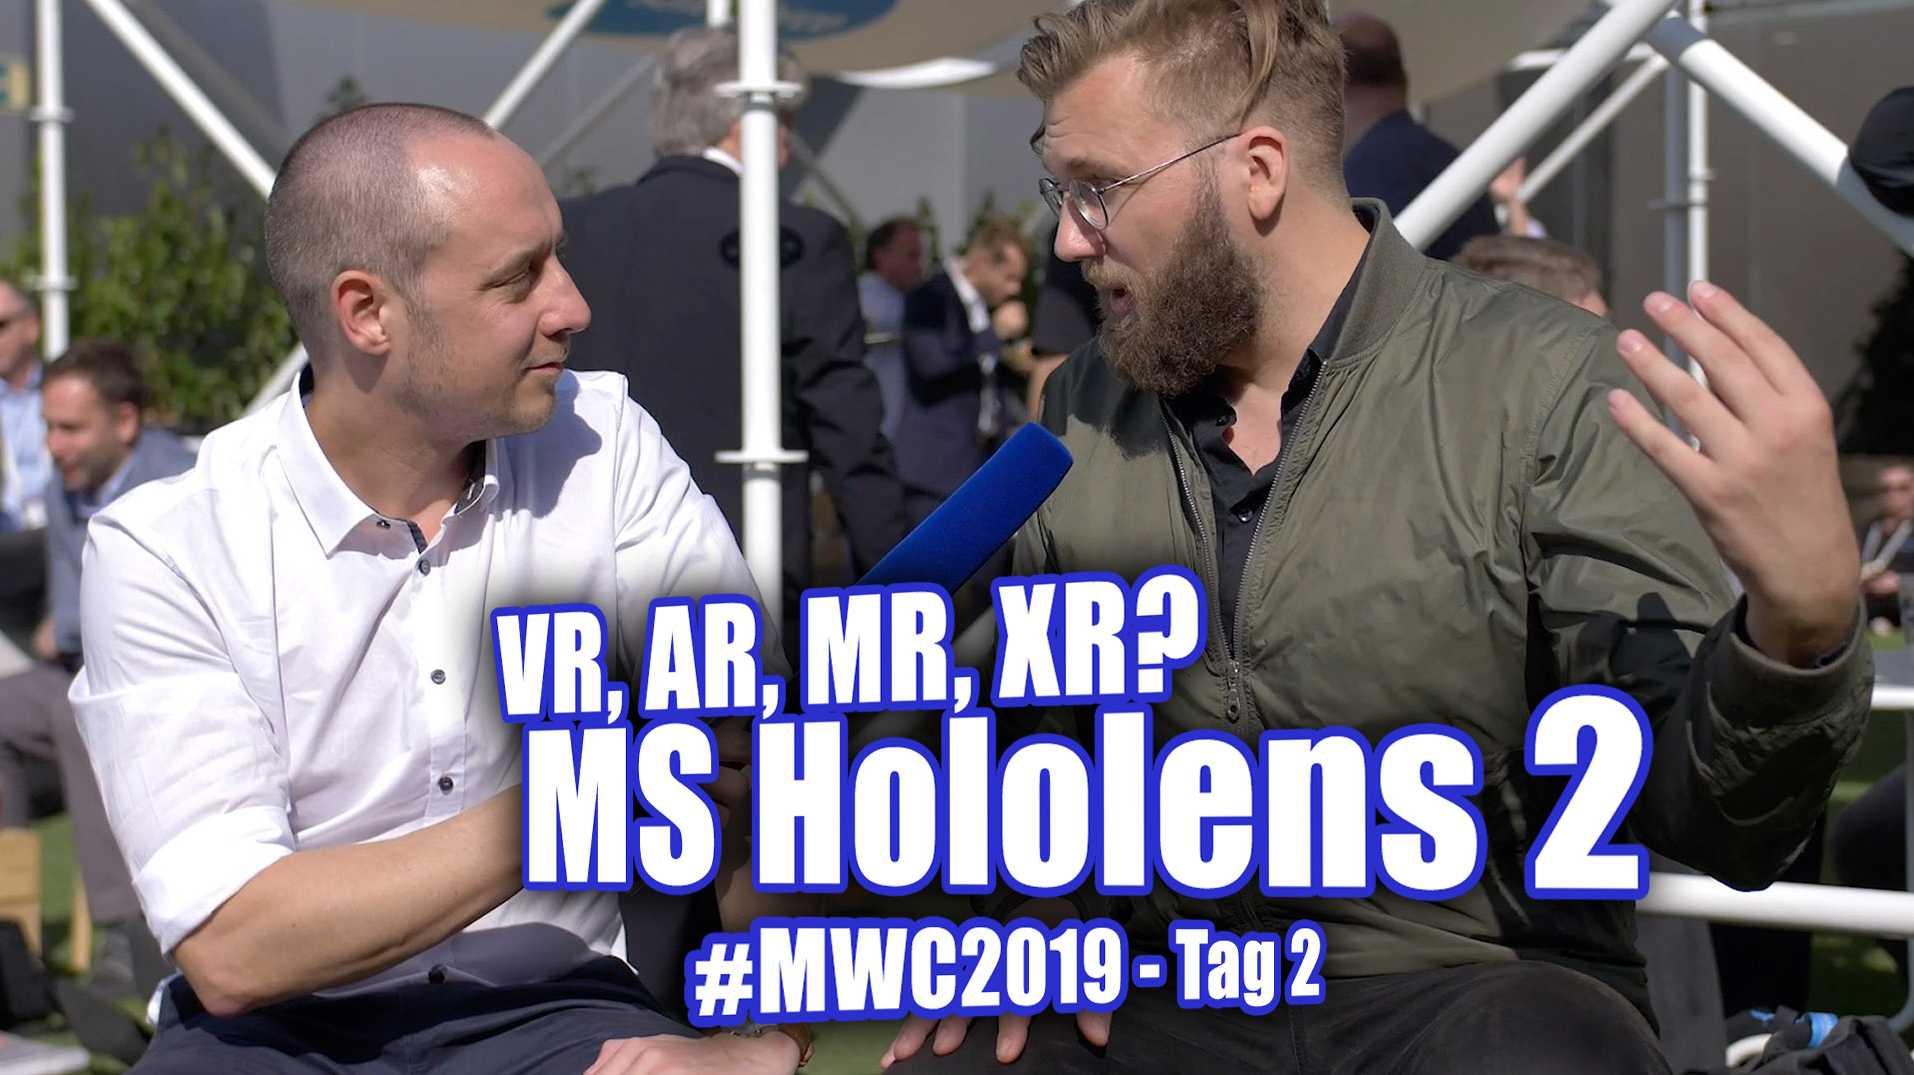 c't uplink MWC Tag 2: AR, VR, MR, XR und die Hololens 2